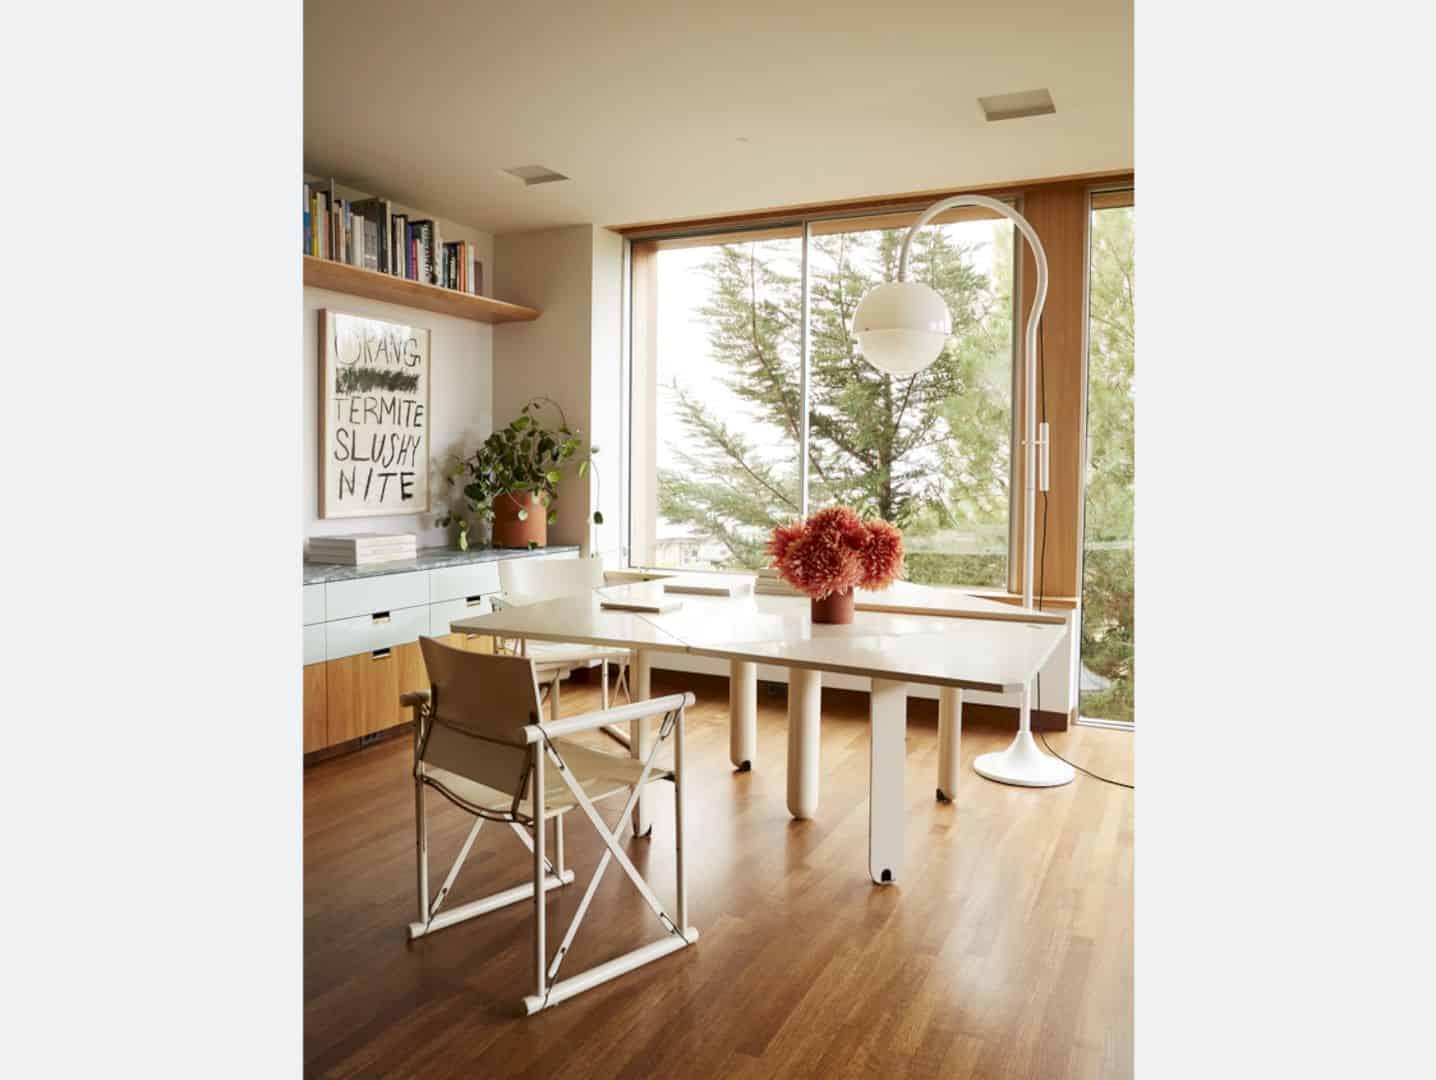 JACKSON HOUSE By Marmol Radziner Architecturer 6